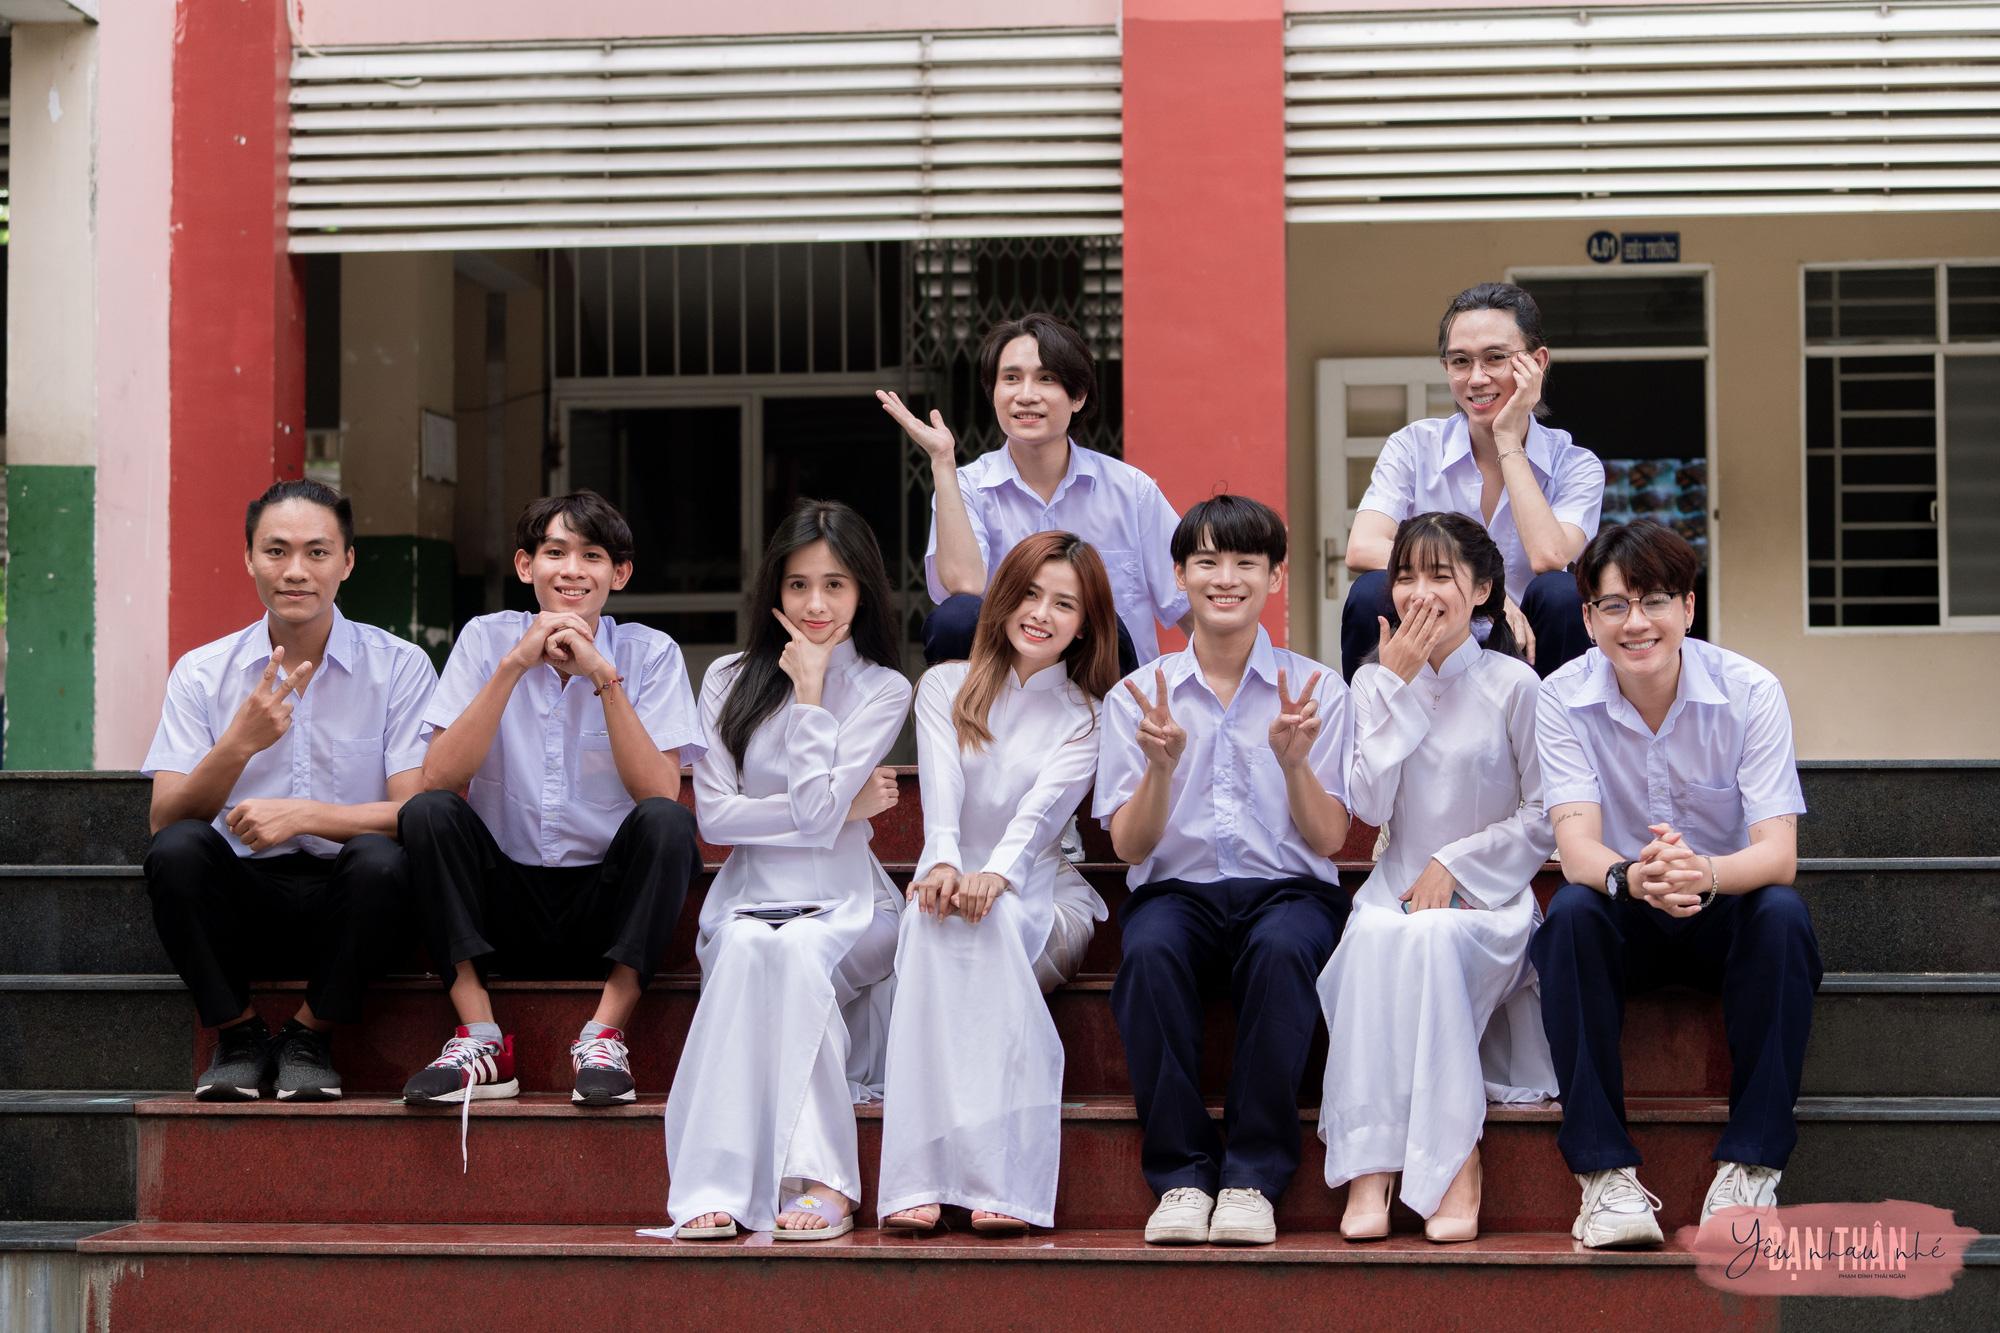 """Phạm Đình Thái Ngân trở lại đường đua Vpop với MV """"Yêu nhau nhé bạn thân"""" - Ảnh 4."""